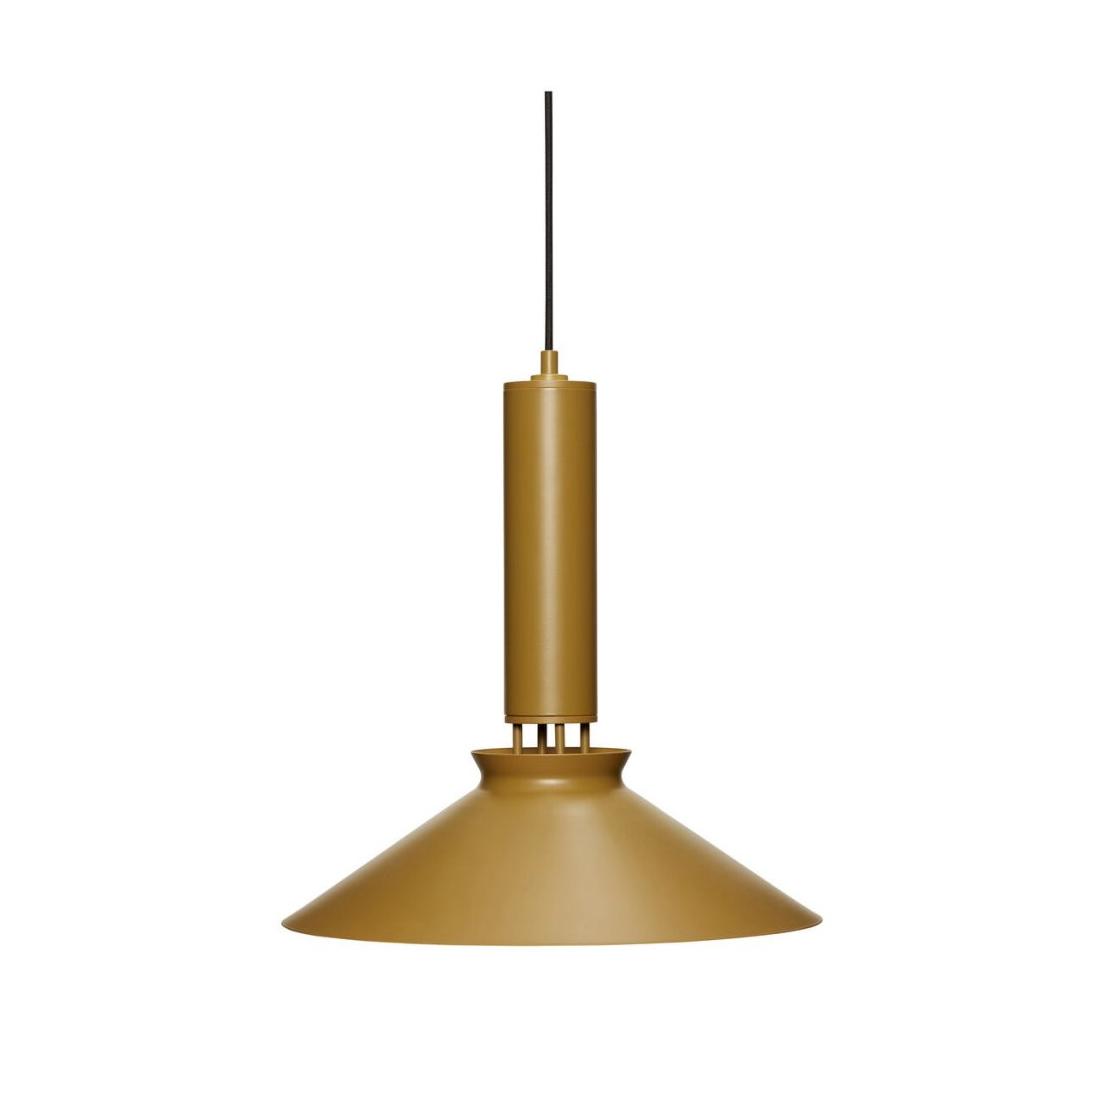 Taklampa brun metall Hubsch